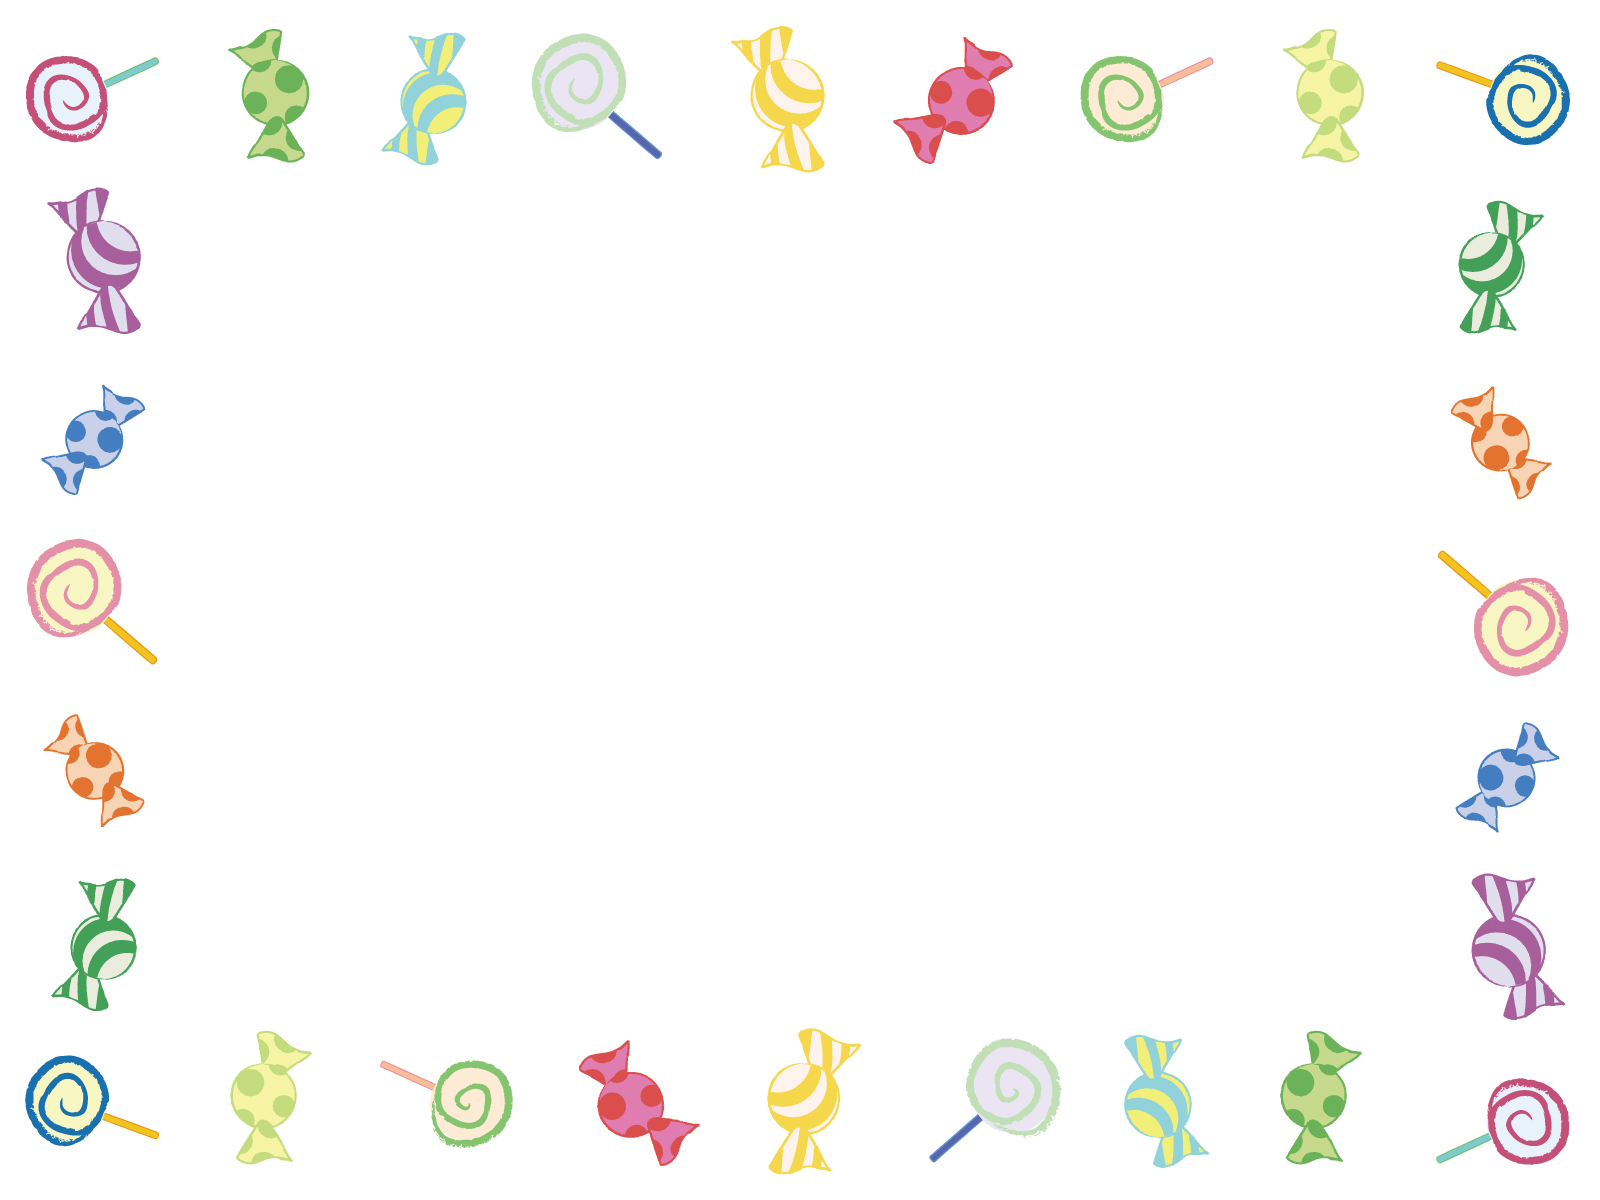 ハロウィンのお菓子の無料フリーイラスト画像12選! | 育児ネット